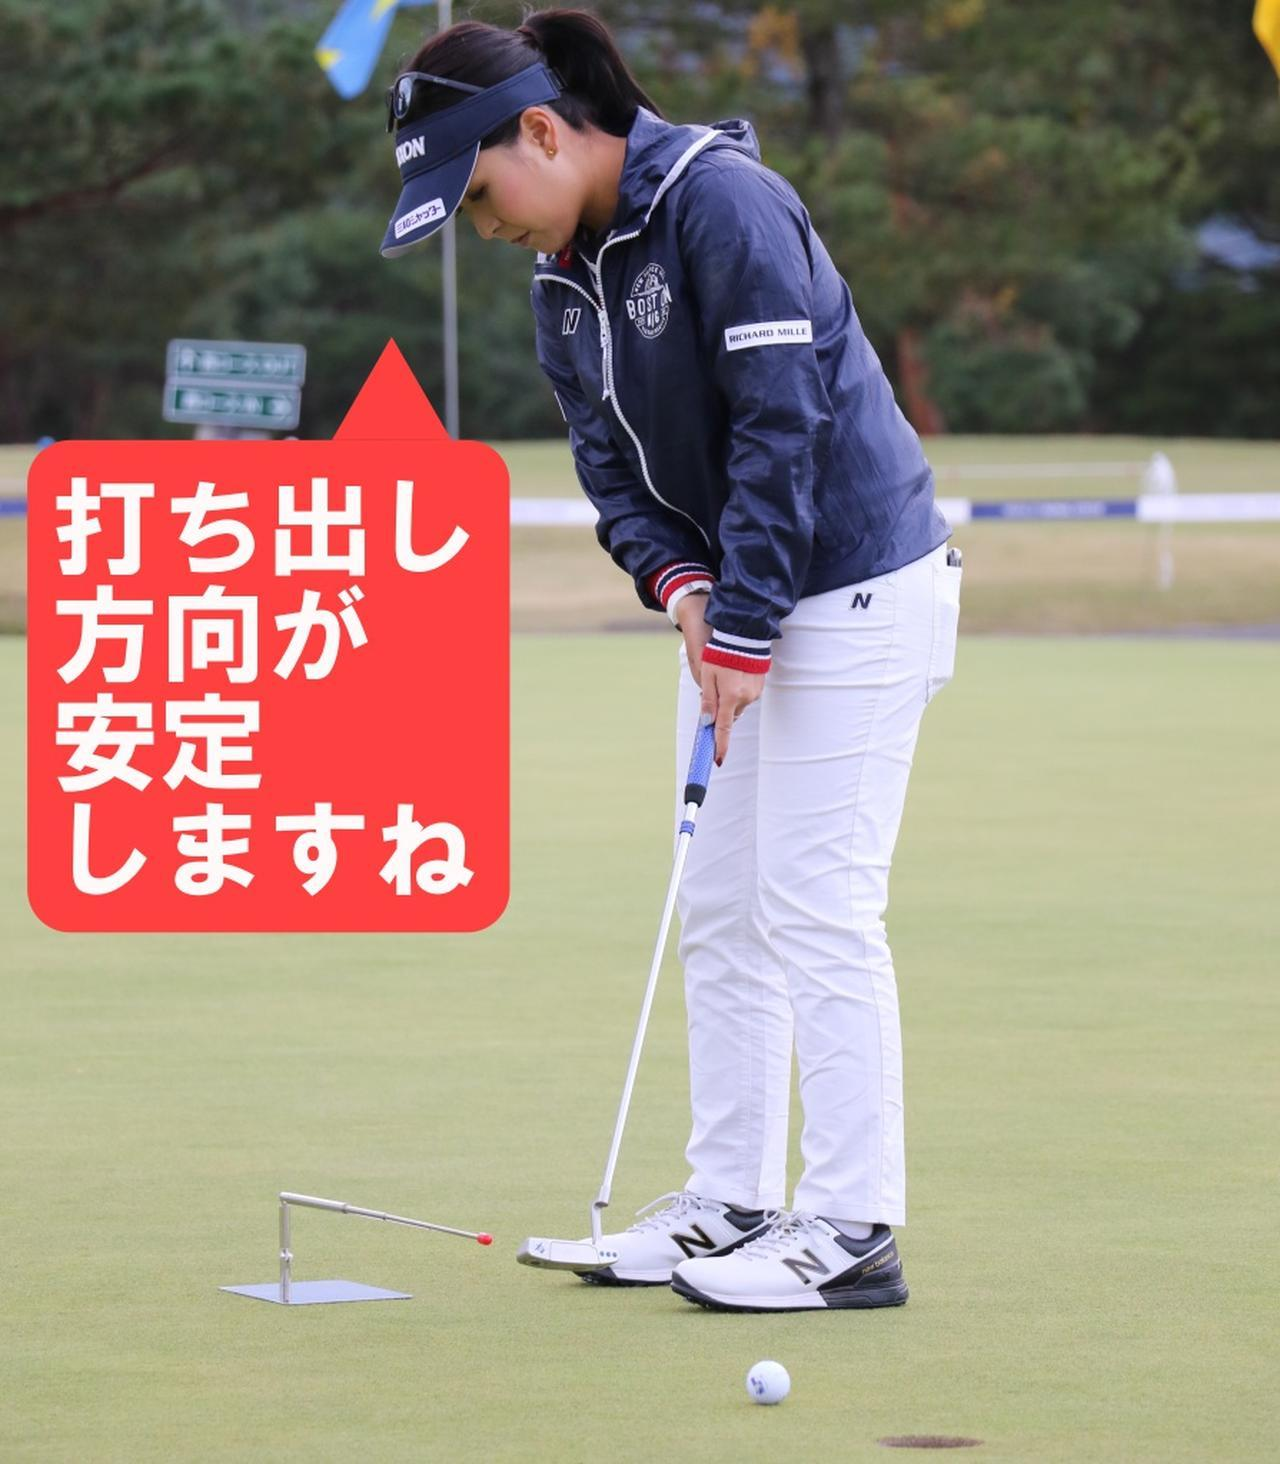 画像: 棒をガイドにし、インパクトがいつも一定になるように反復練習